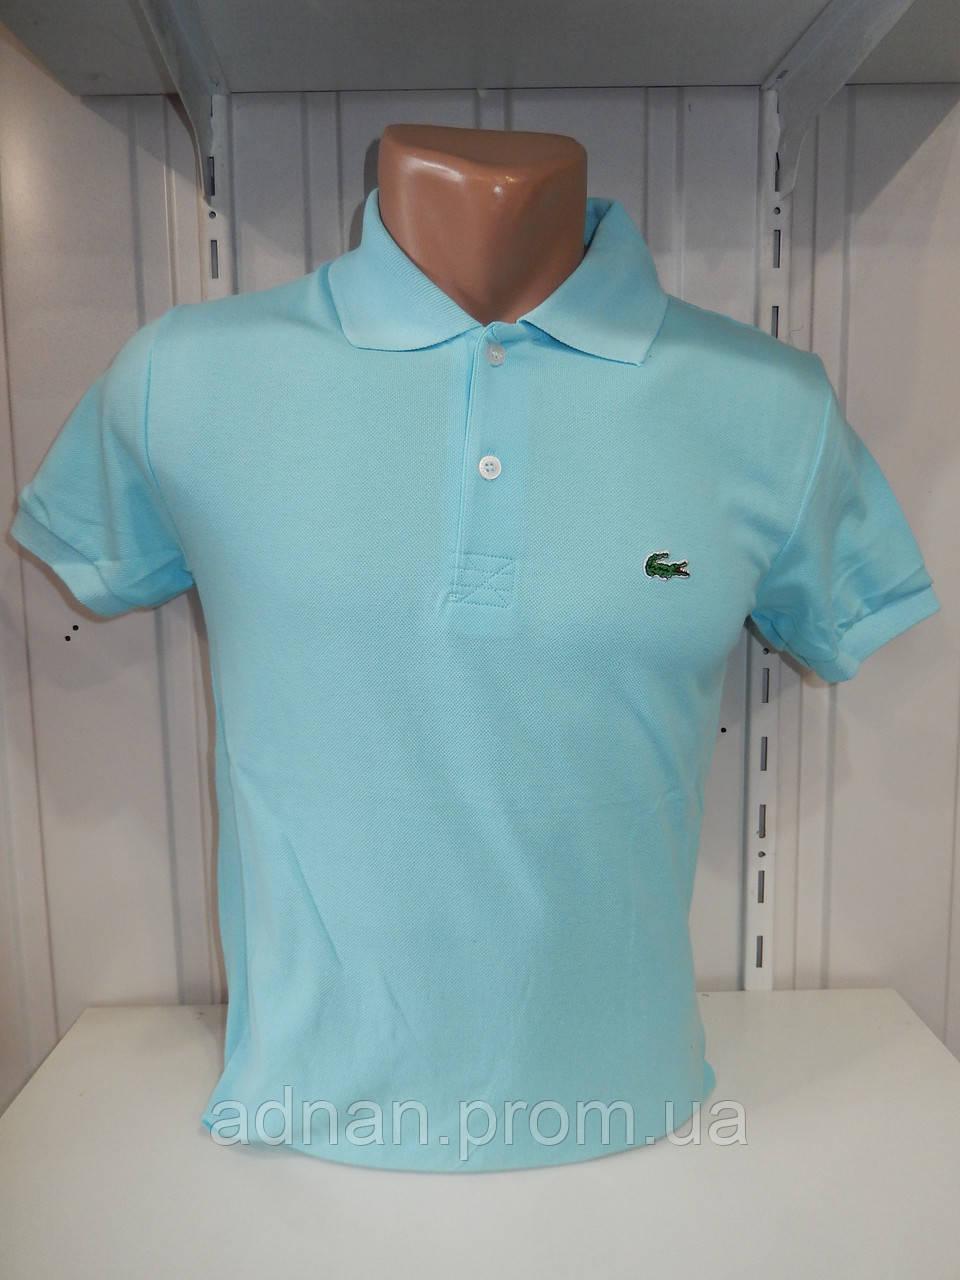 Футболка мужская LACOSTE поло однотонная манжет, 004 \ купить футболку мужскую оптом